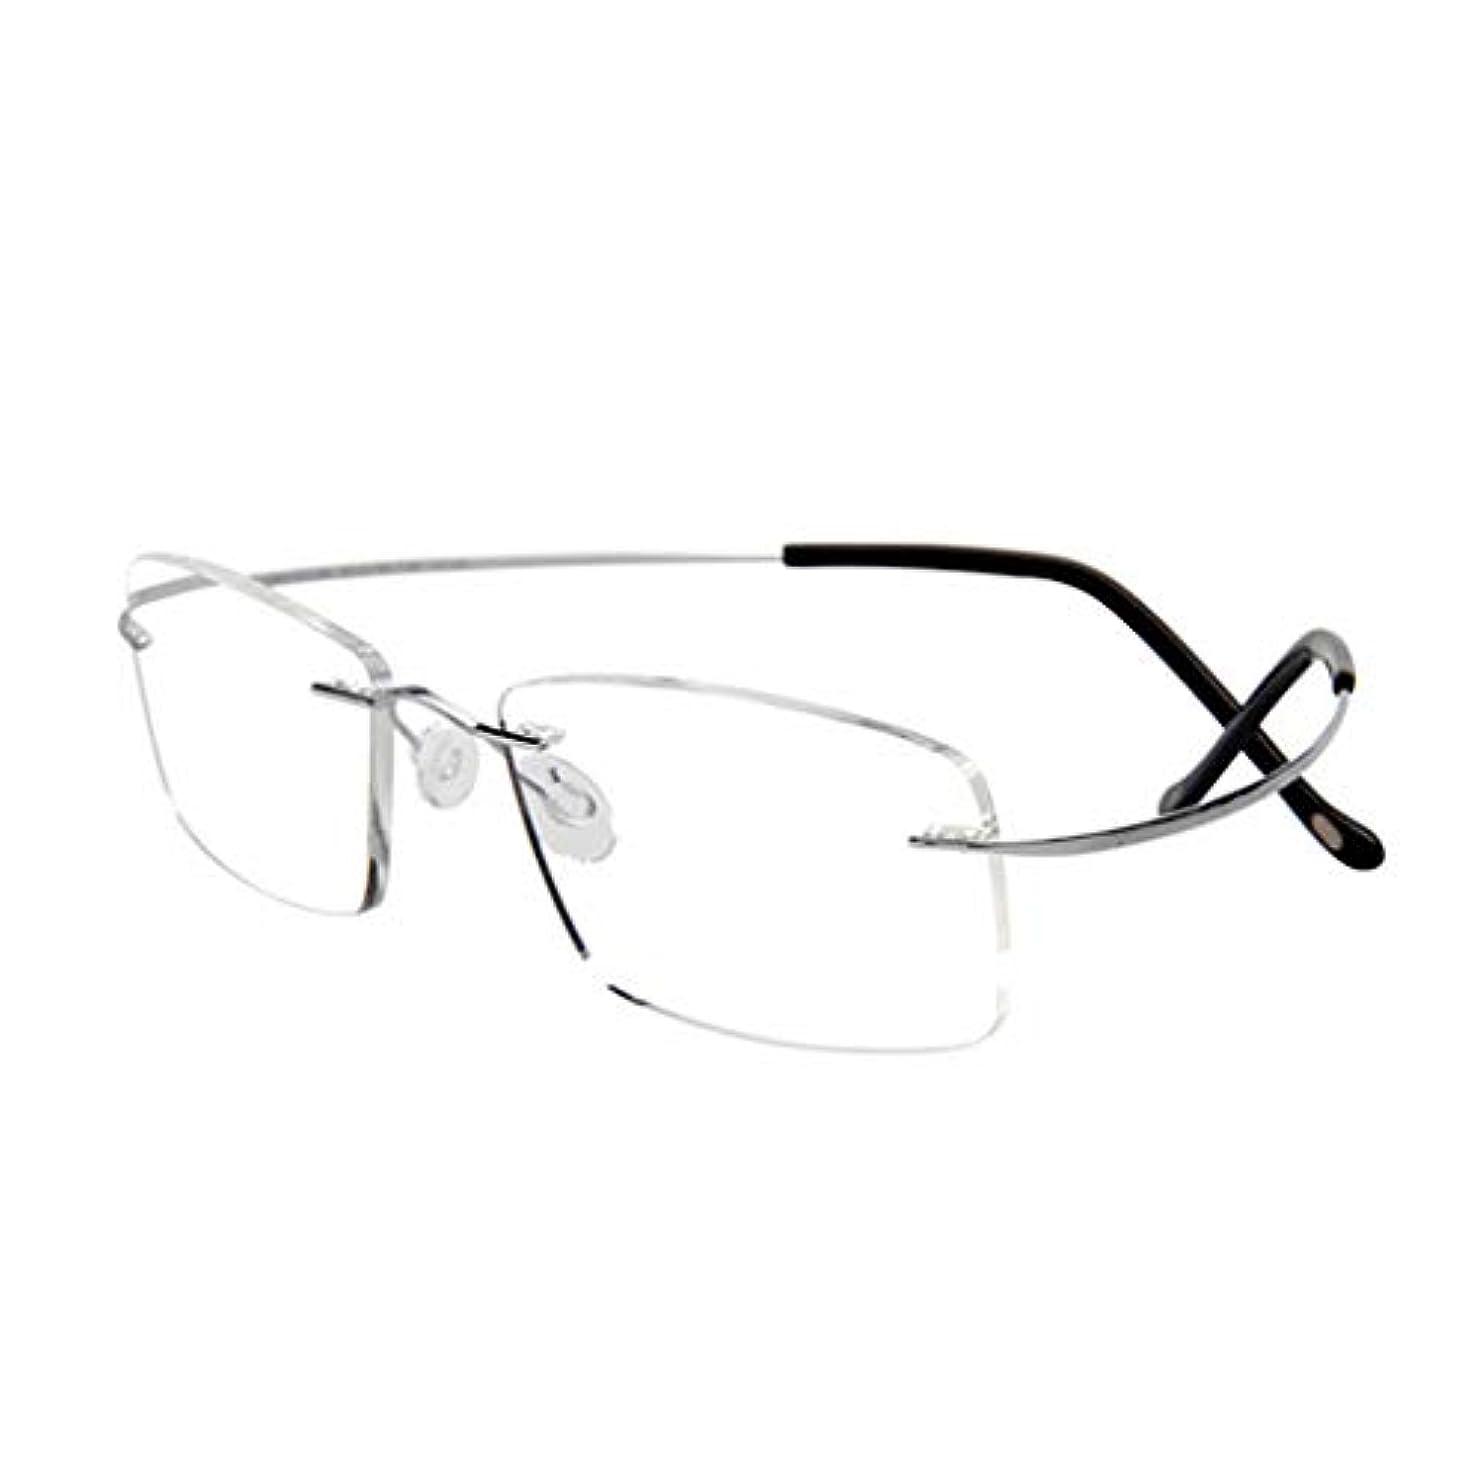 男性と女性のための老眼鏡は弾性と超弾性であり、360度回転は変形したファッションにならない、軽い、着心地の良い、ポータブル